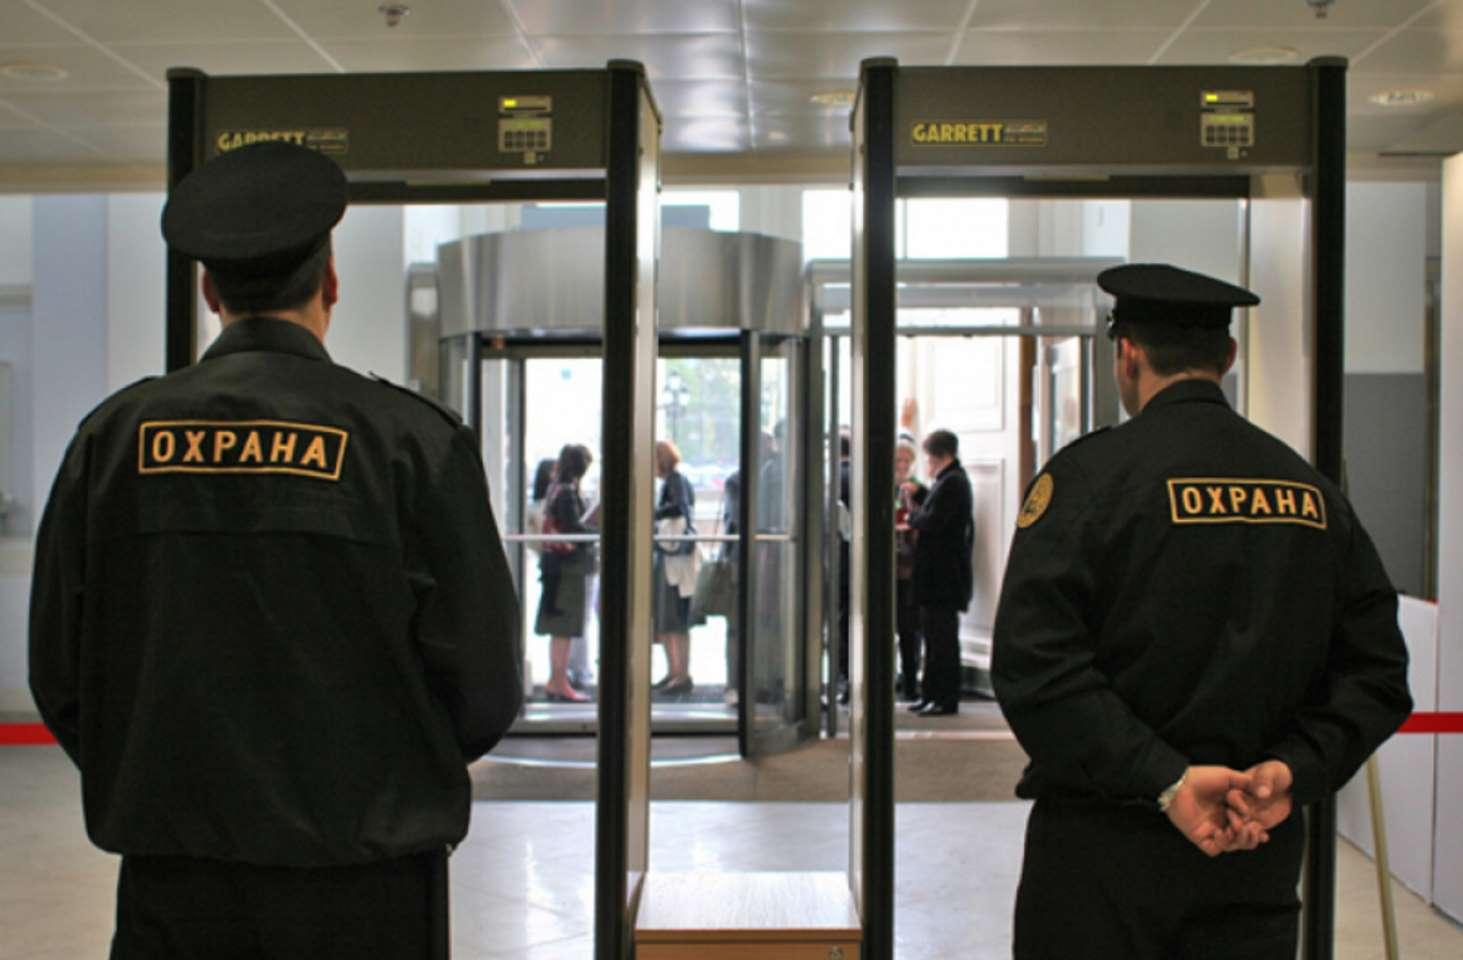 genprokuratura-raskritikovala-rekomendatsii-minprosveshheniya-po-antiterroristicheskoj-bezopasnosti